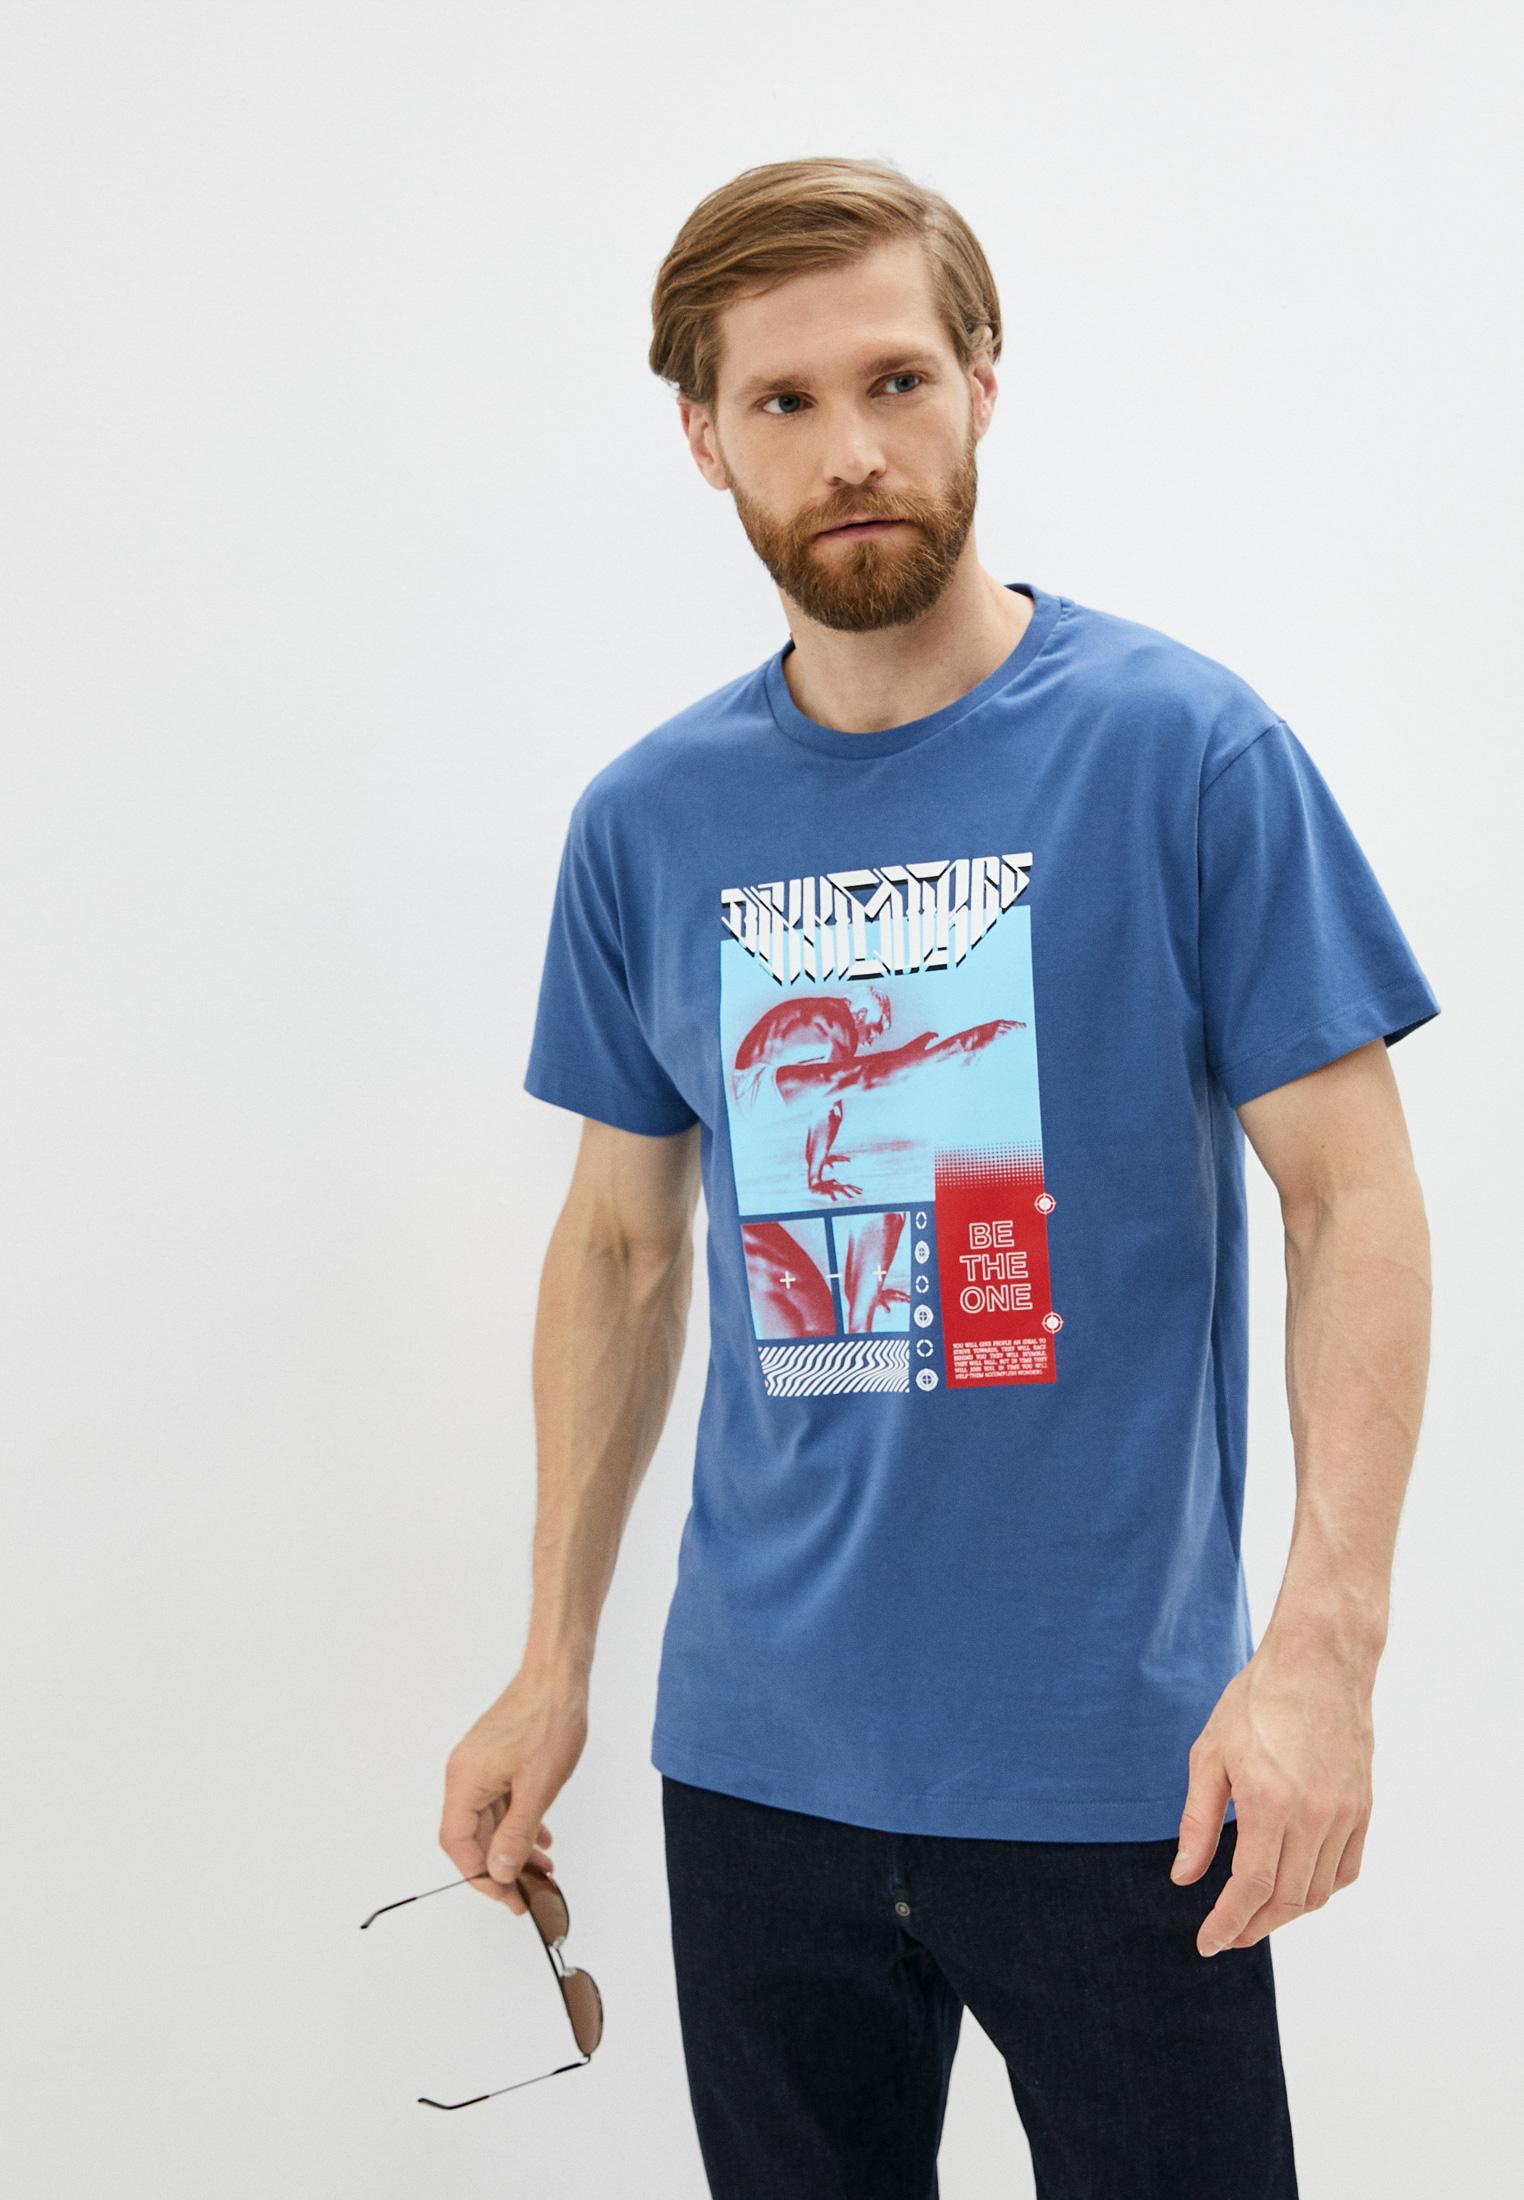 Мужская футболка Bikkembergs (Биккембергс) C 4 114 03 M 4298